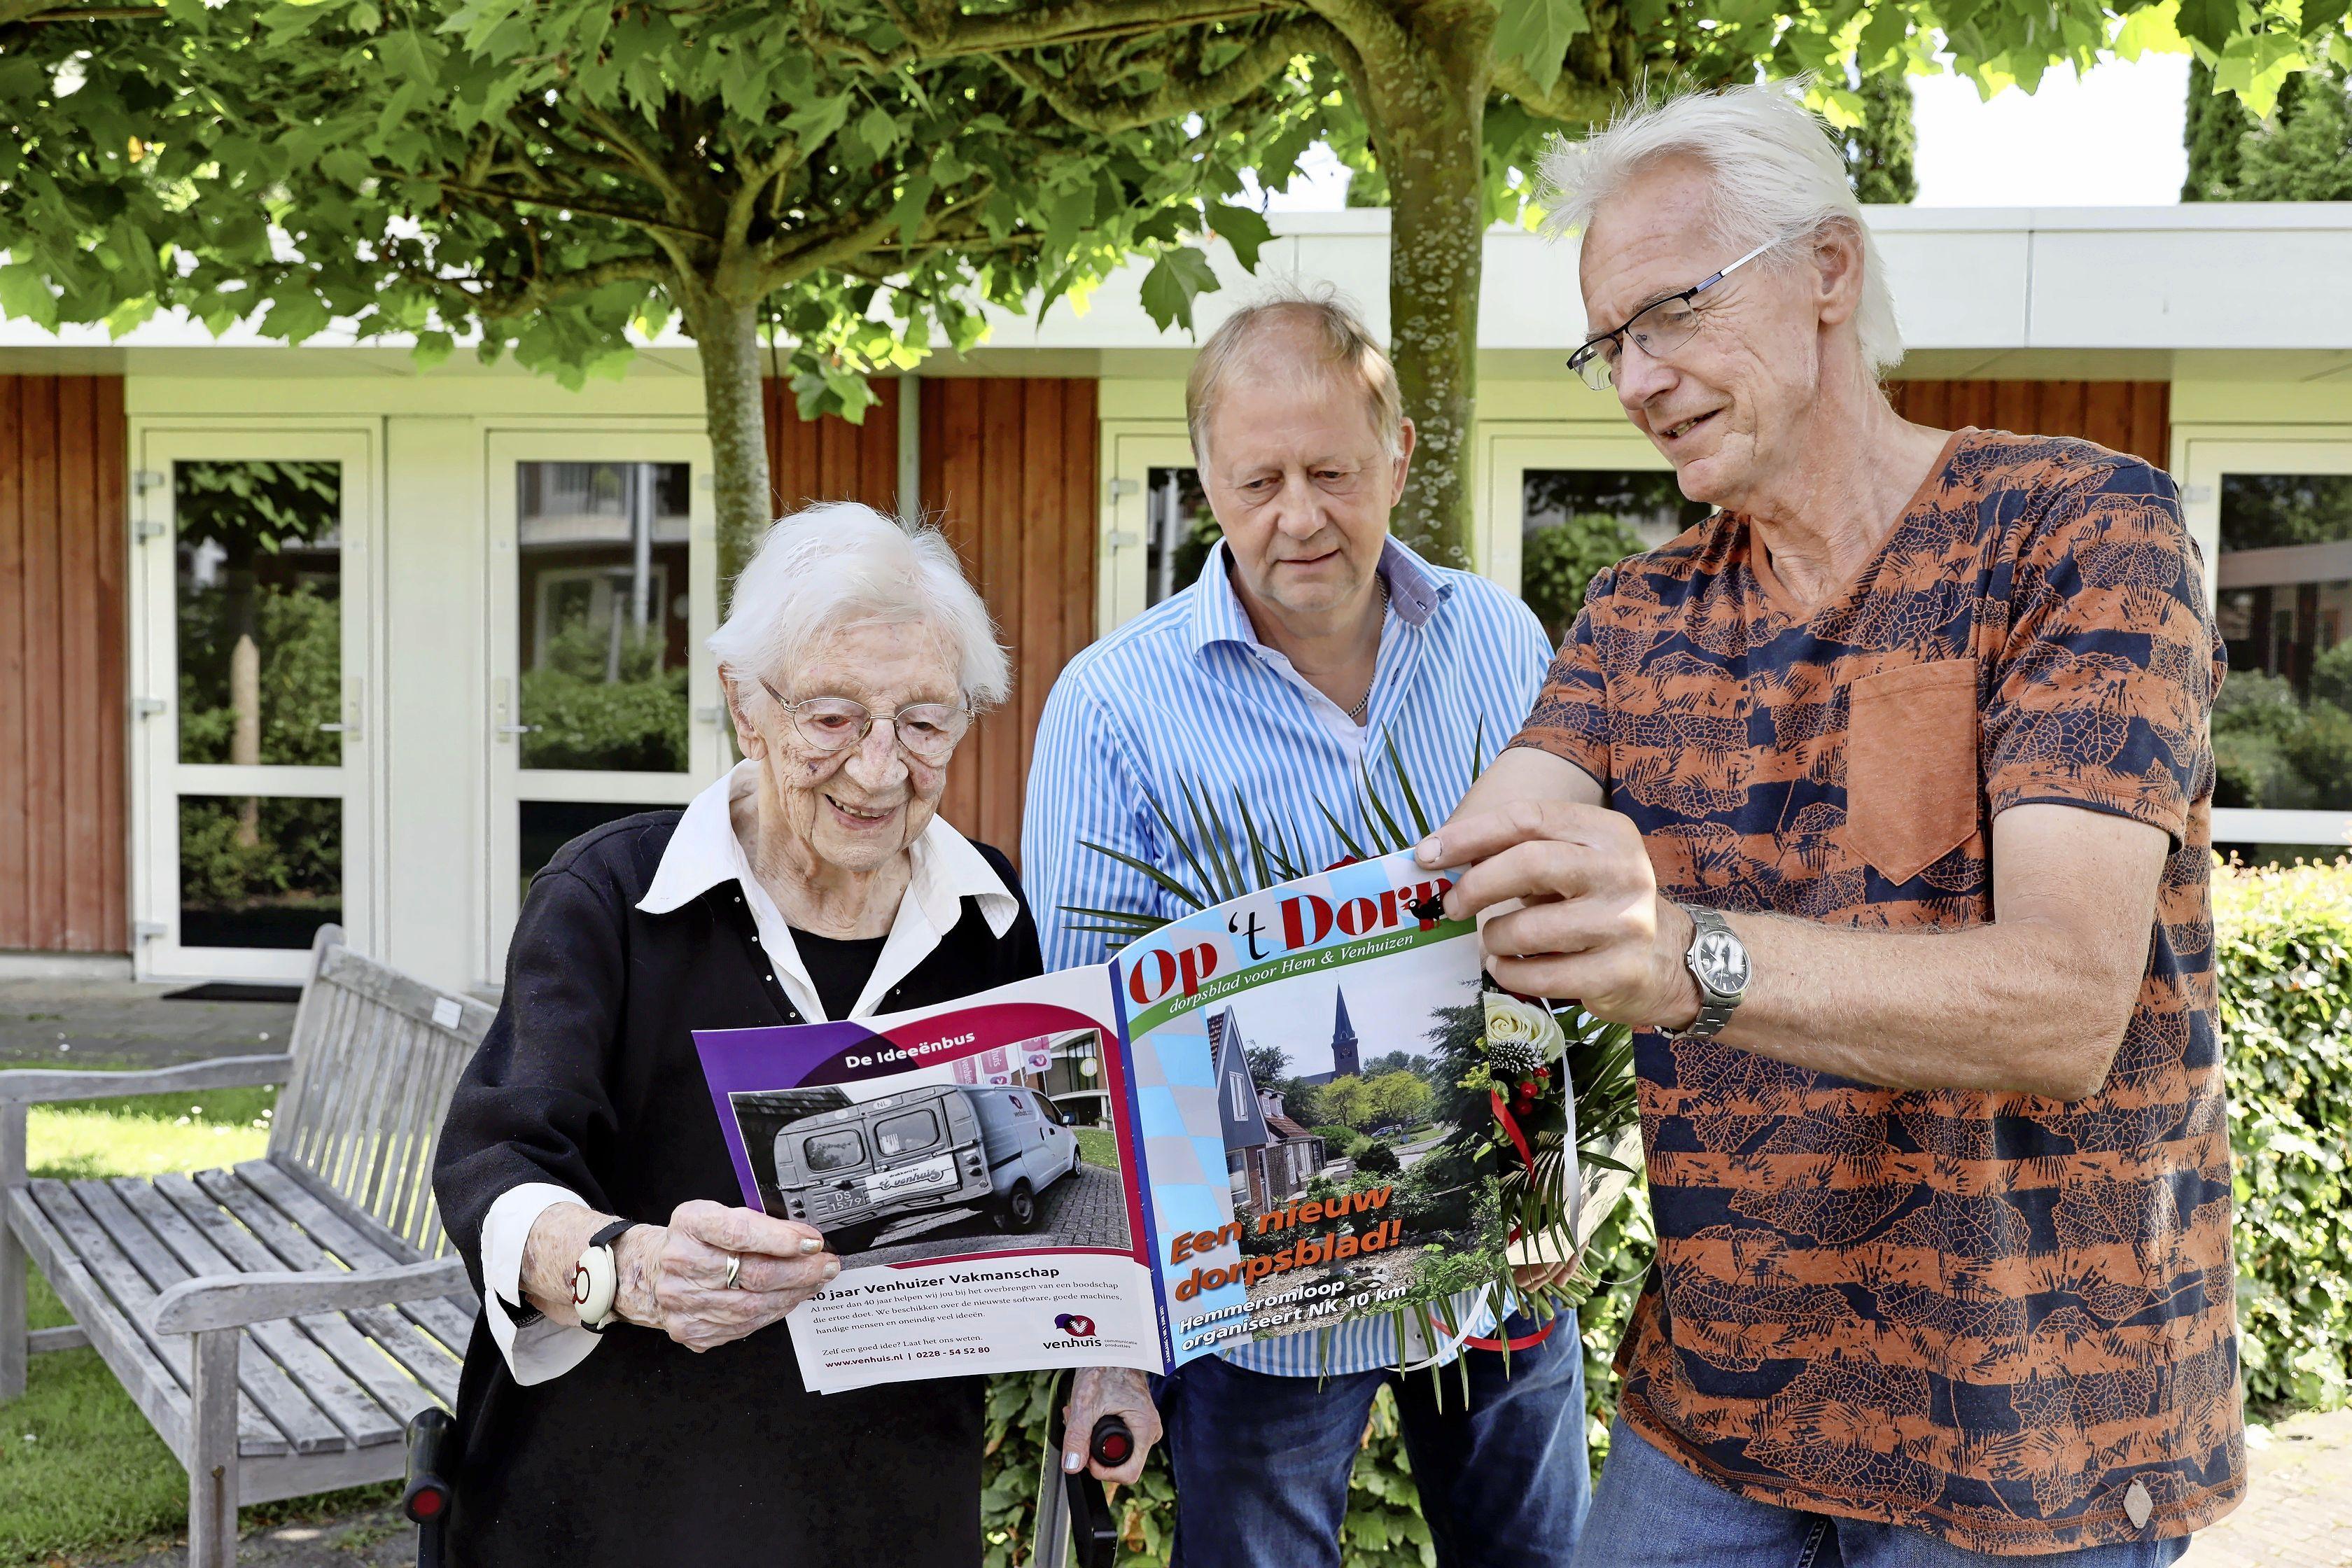 Oudste Venhuizer Zus krijgt jongste dorpsblad